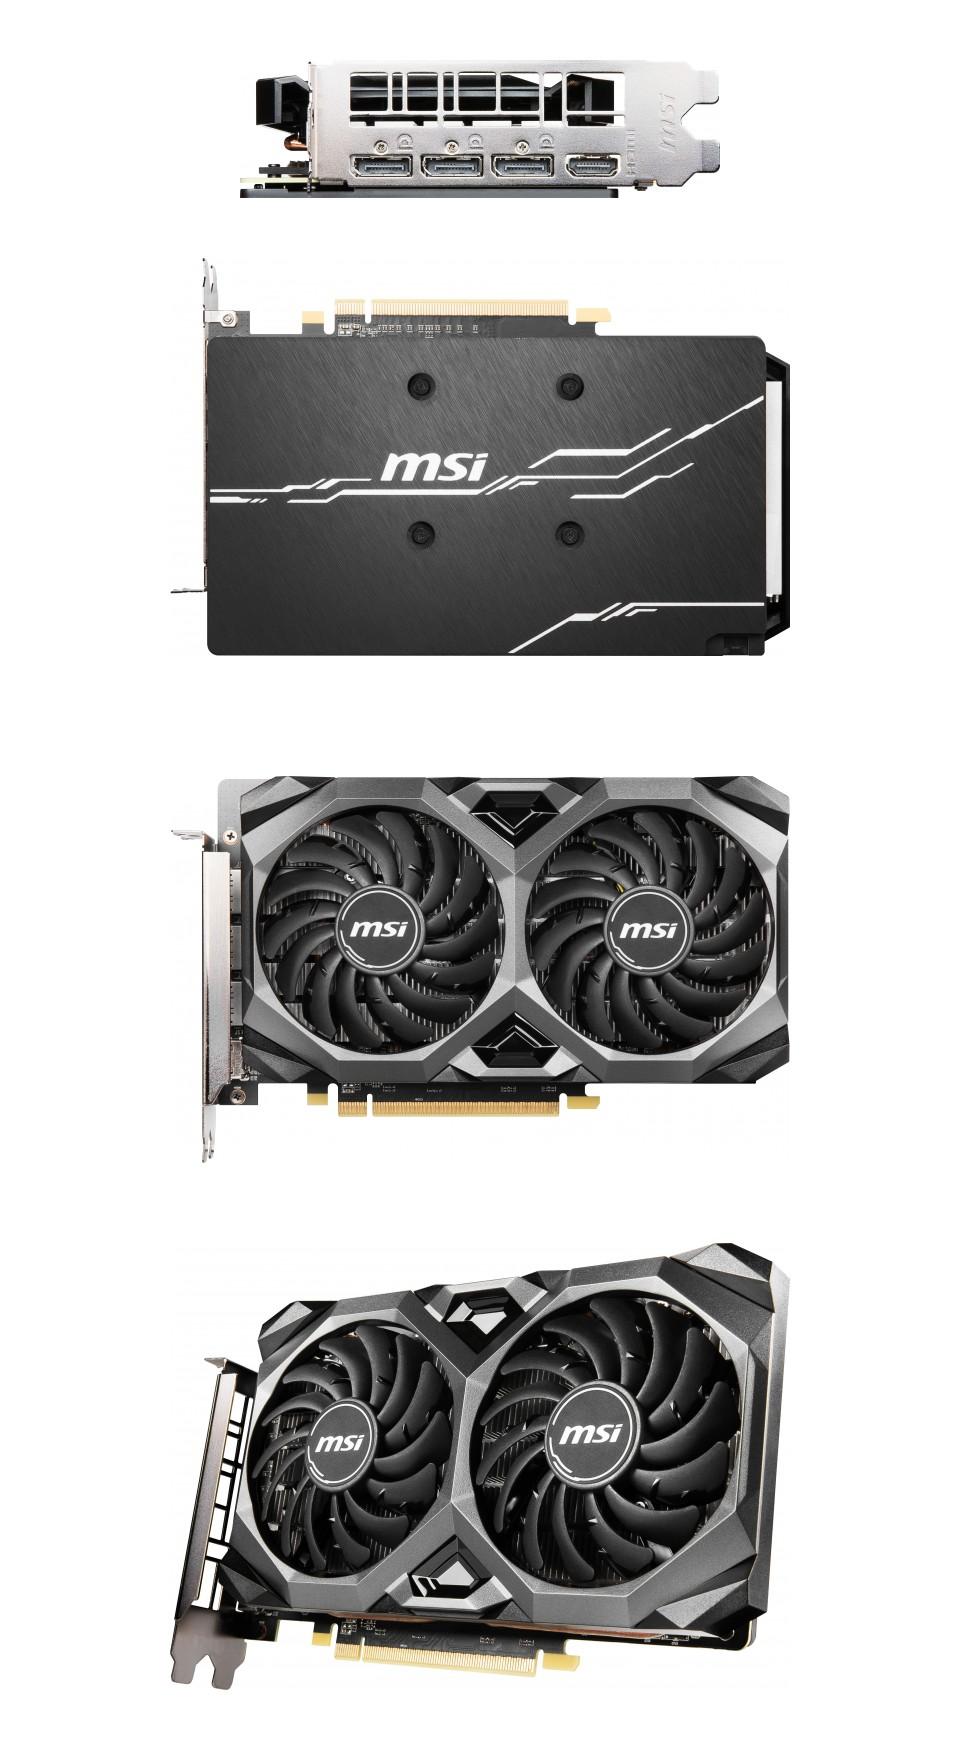 MSI Radeon RX 5500 XT Mech OC 8GB product